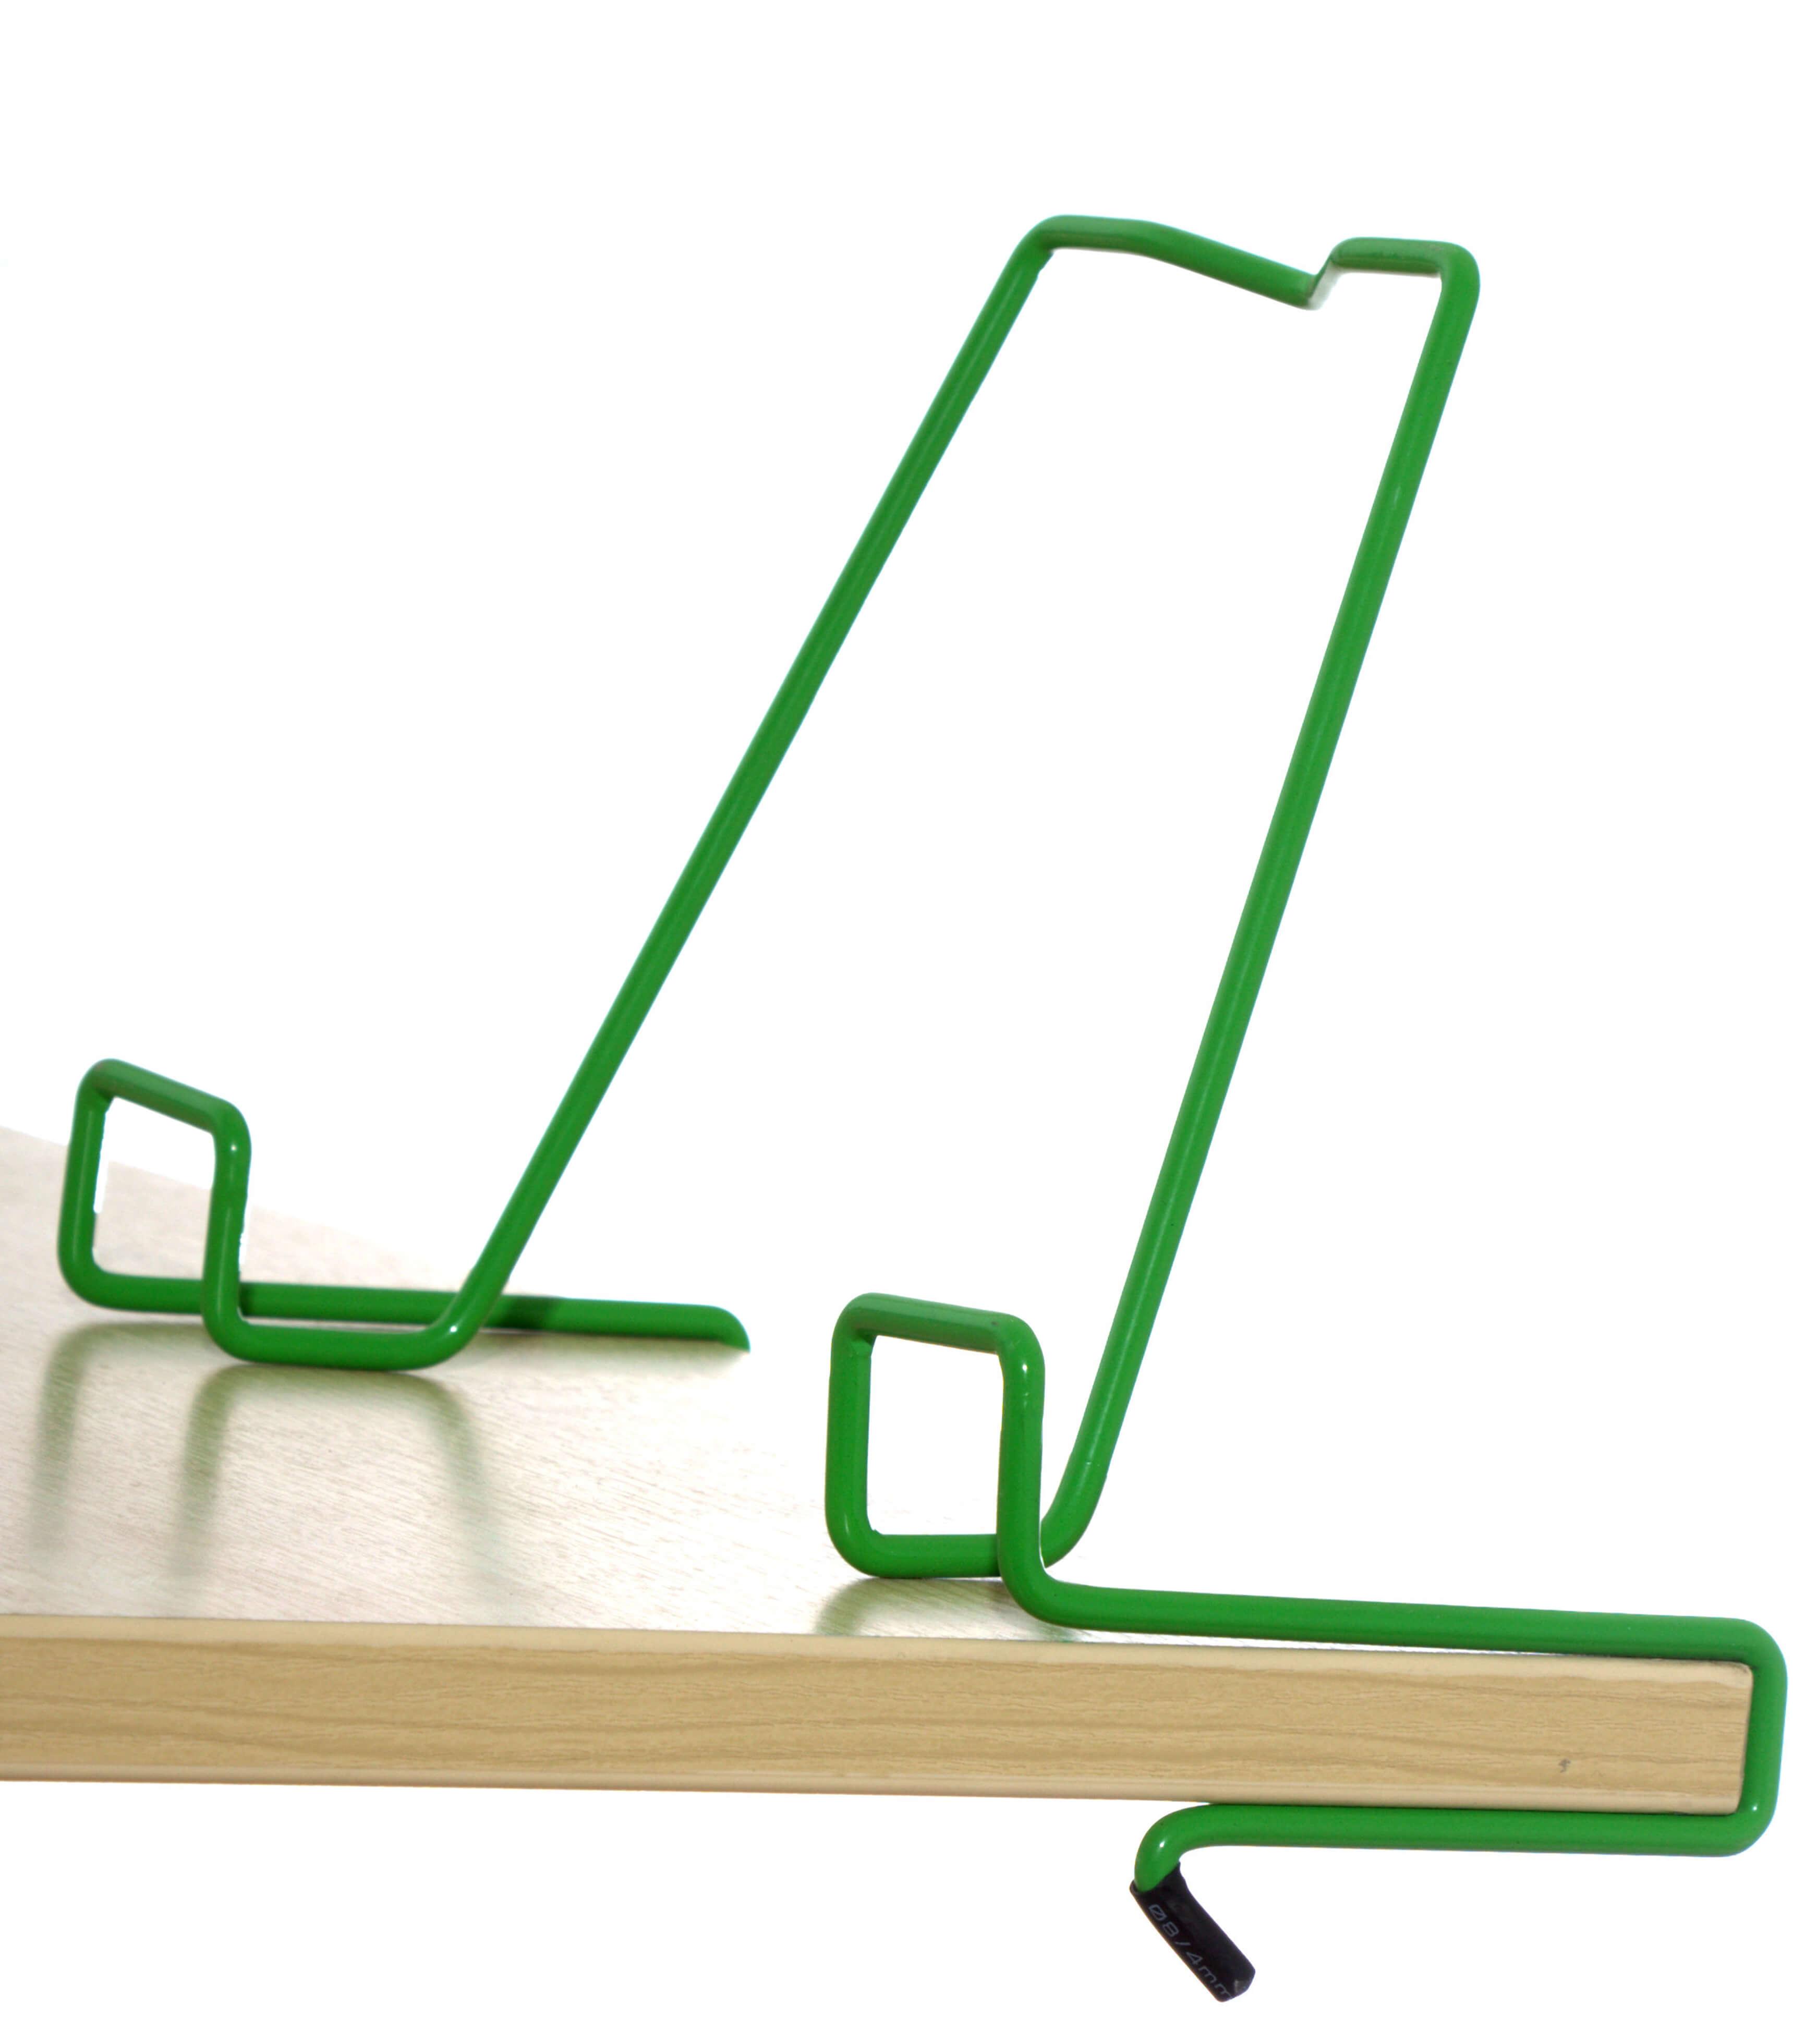 Подставка для книг для наклонных столешниц Дэми ПК-01 ЗеленыйАксессуары<br><br>Цвет: Зеленый; Бренд: Дэми; Ширина (см): 33; Глубина (см): 5; Высота (см): 20;